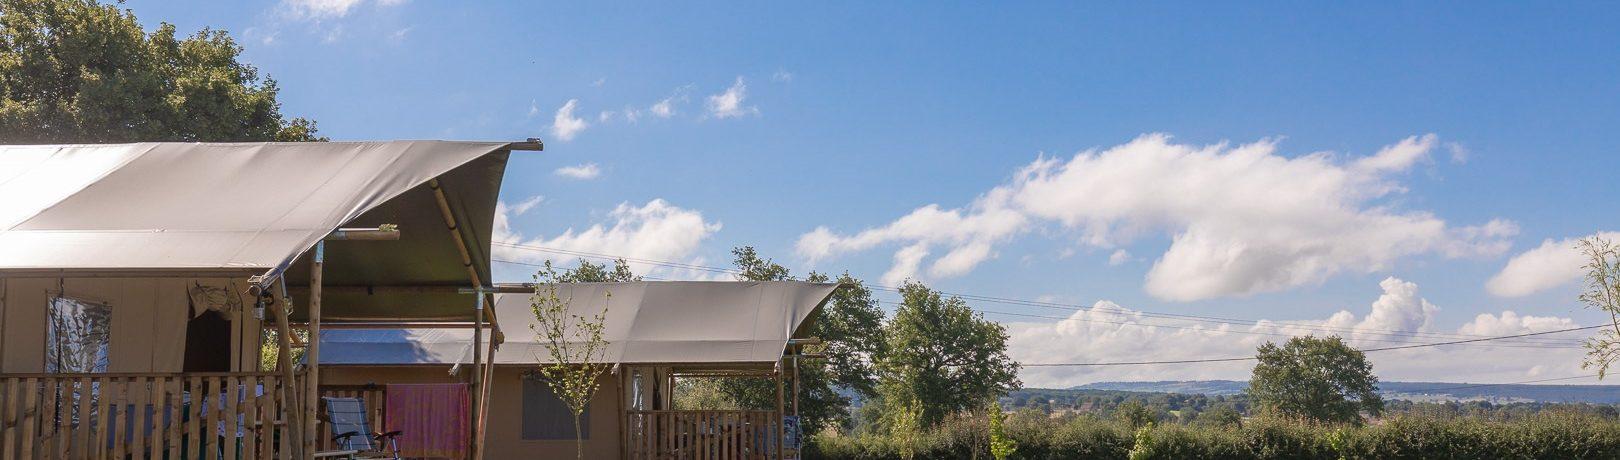 Boek een safaritent in de Bourgogne op domein La Maison Bornat. Je vindt hier een kleine camping met verwarmd zwembad en Tendi Safaritenten met badkamer.